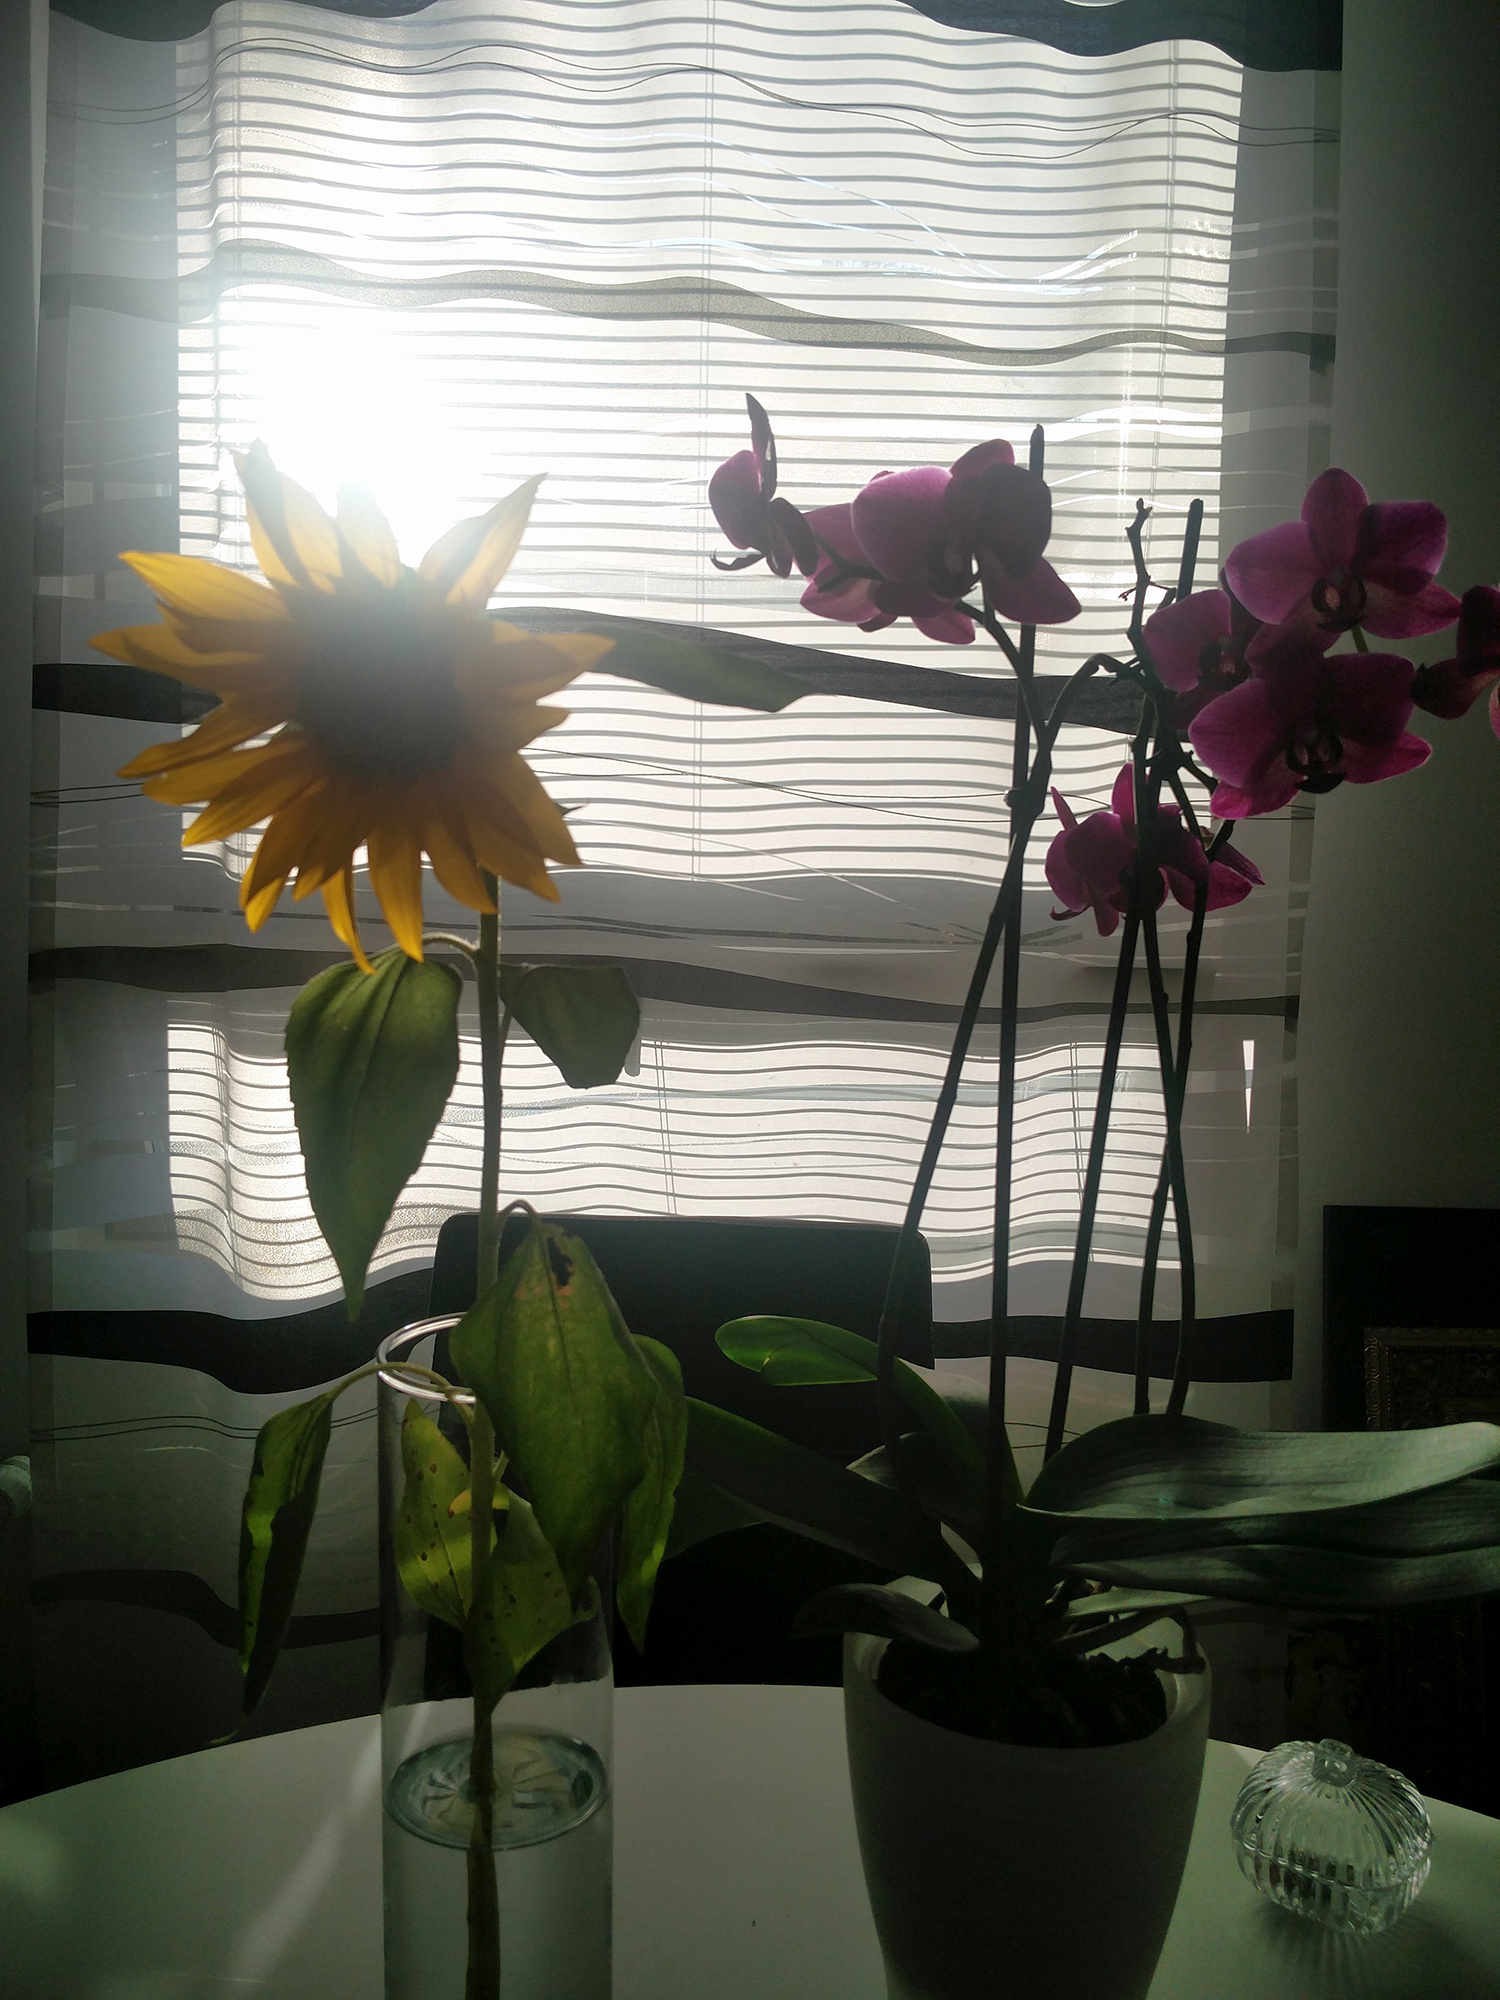 penkkisanky_orkidea_auringonkukka_mustavalko_sisustus_2